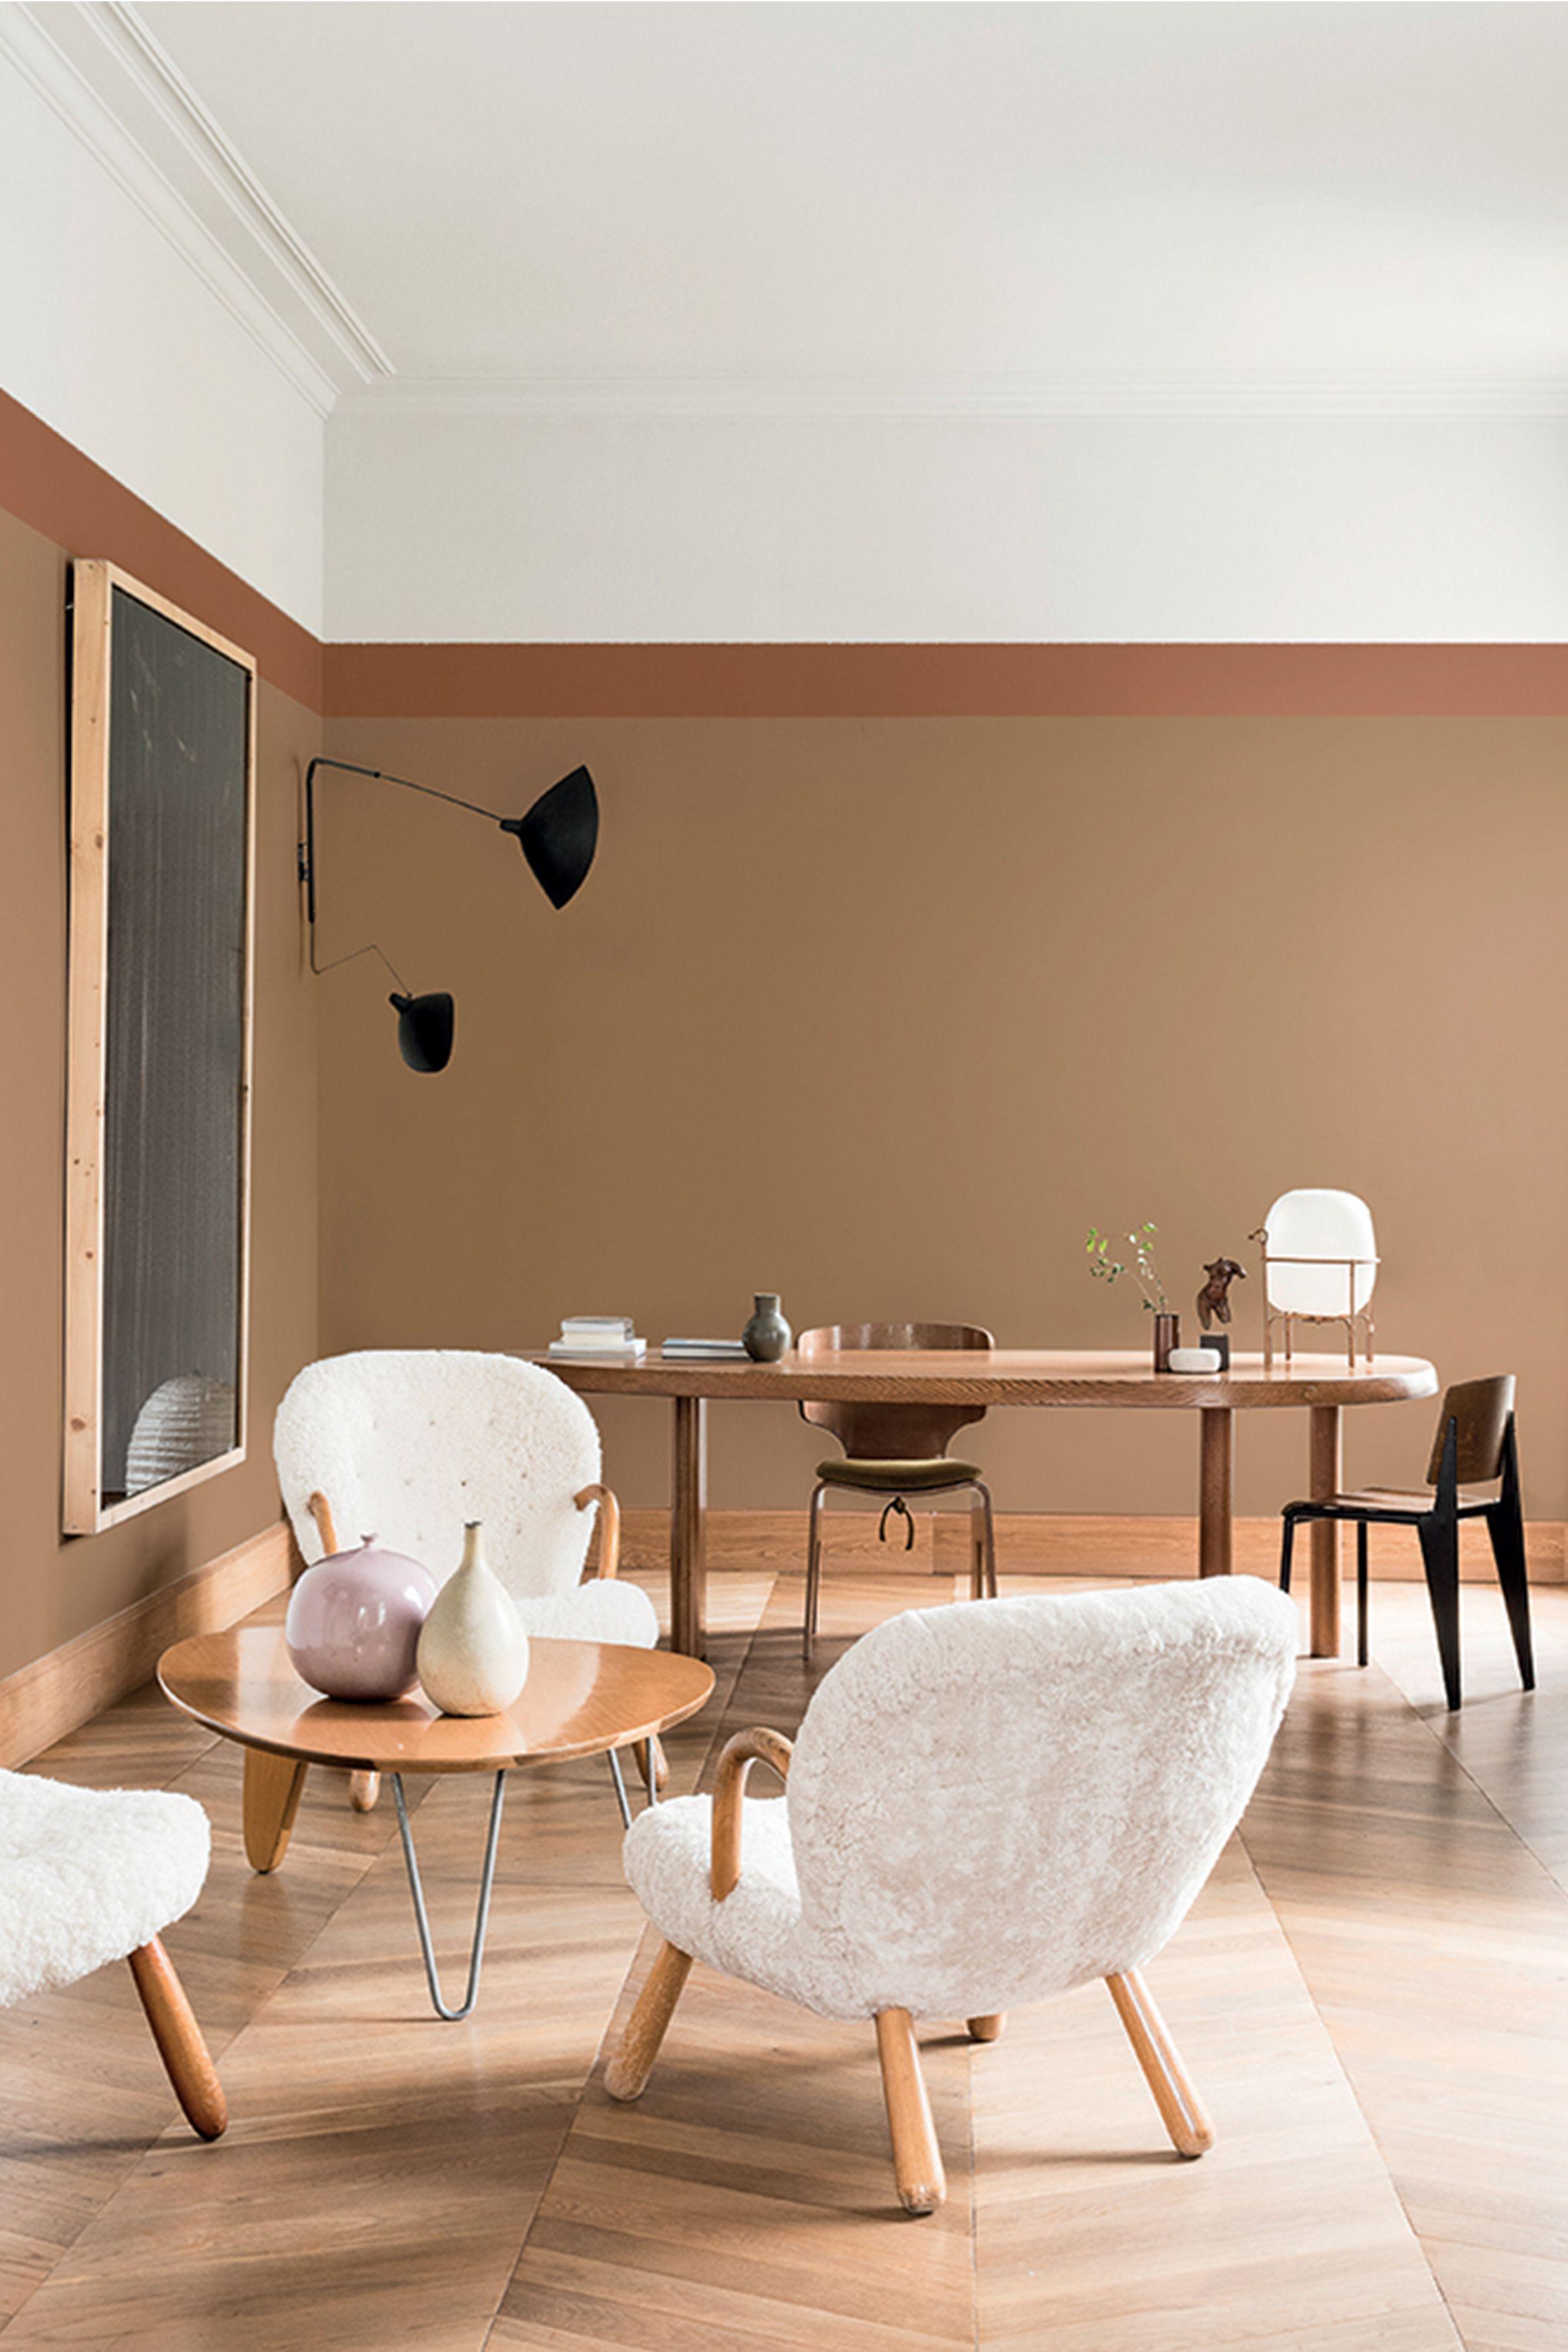 les couleurs tendances d coration 2019 blog rhinov. Black Bedroom Furniture Sets. Home Design Ideas